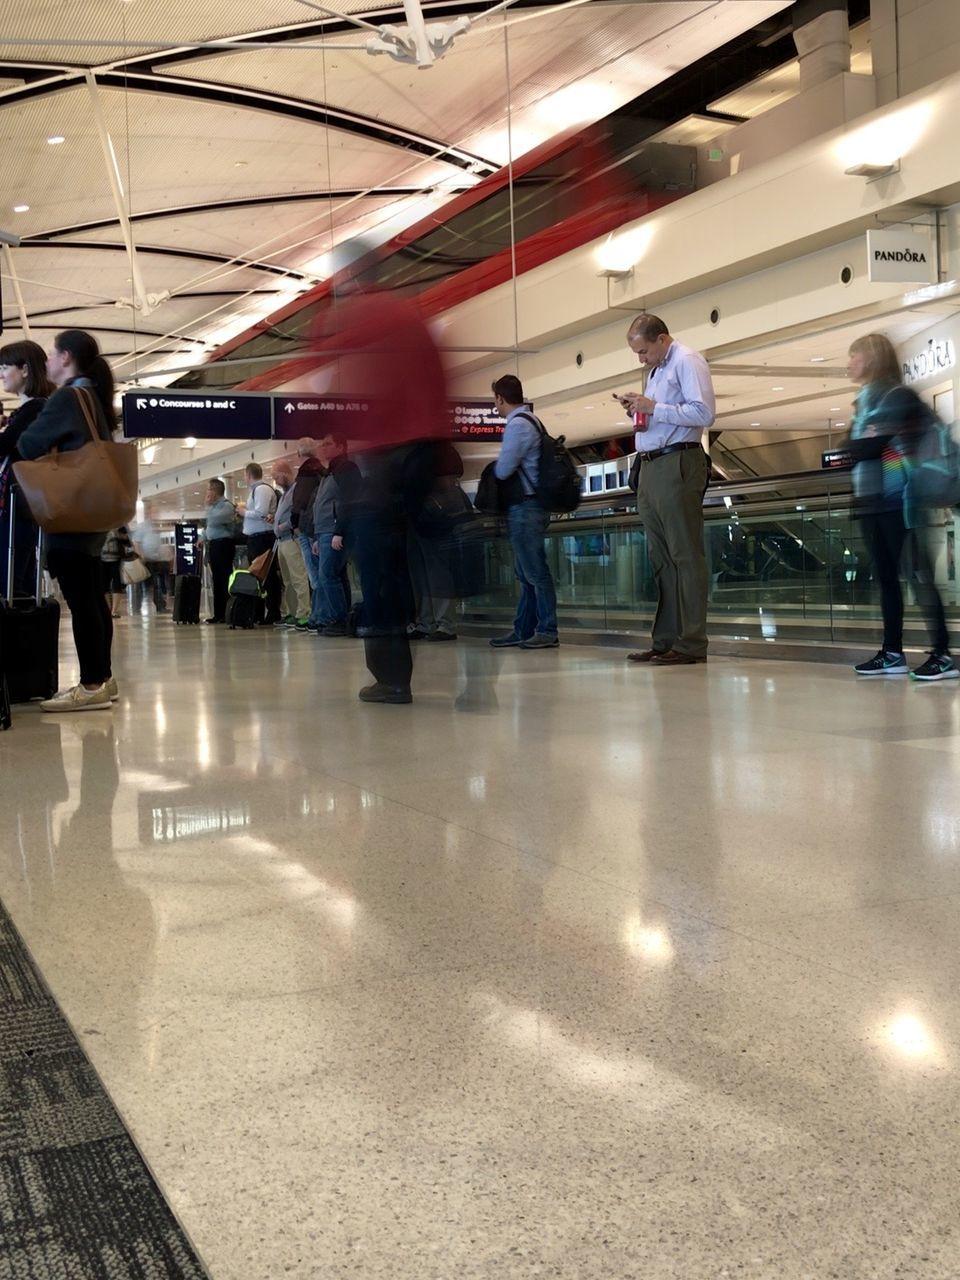 PEOPLE WALKING ON AIRPORT